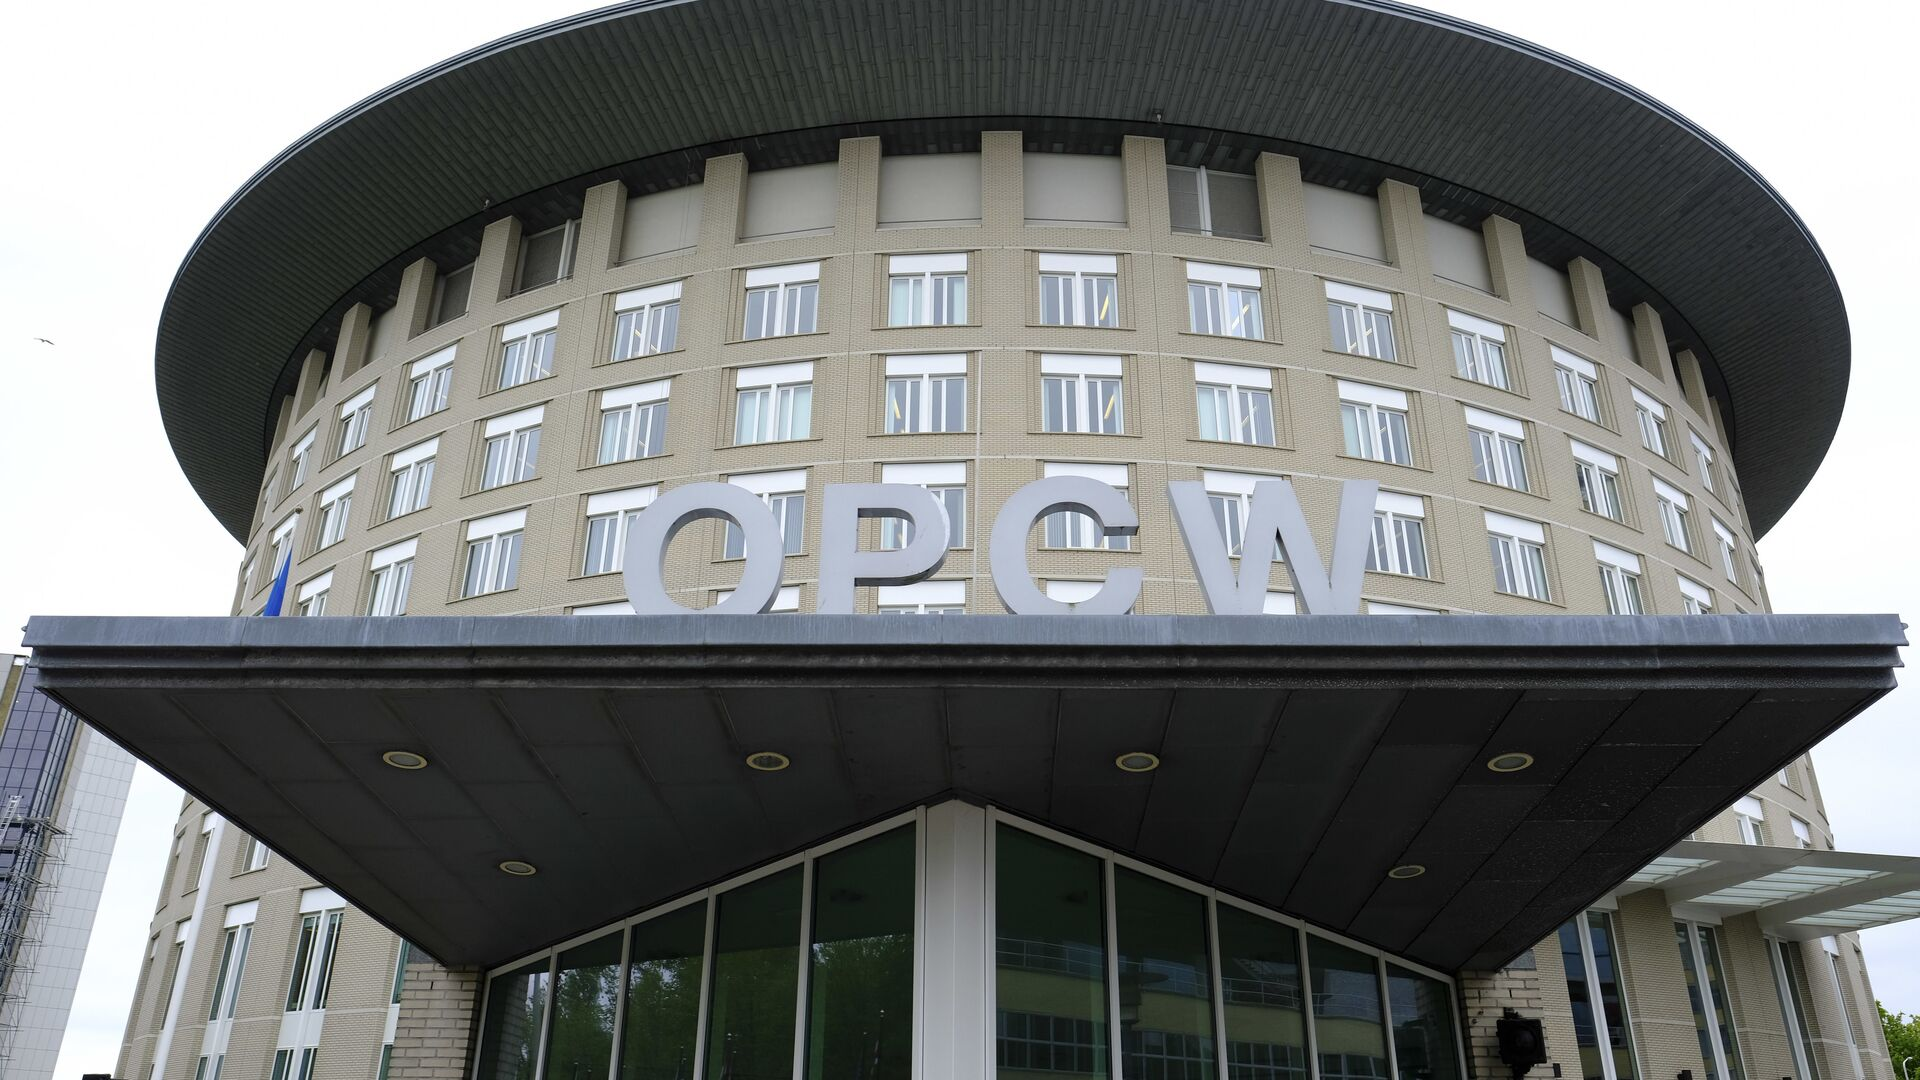 Штаб-квартира Организации по запрещению химического оружия в Гааге, Нидерланды - РИА Новости, 1920, 01.10.2020